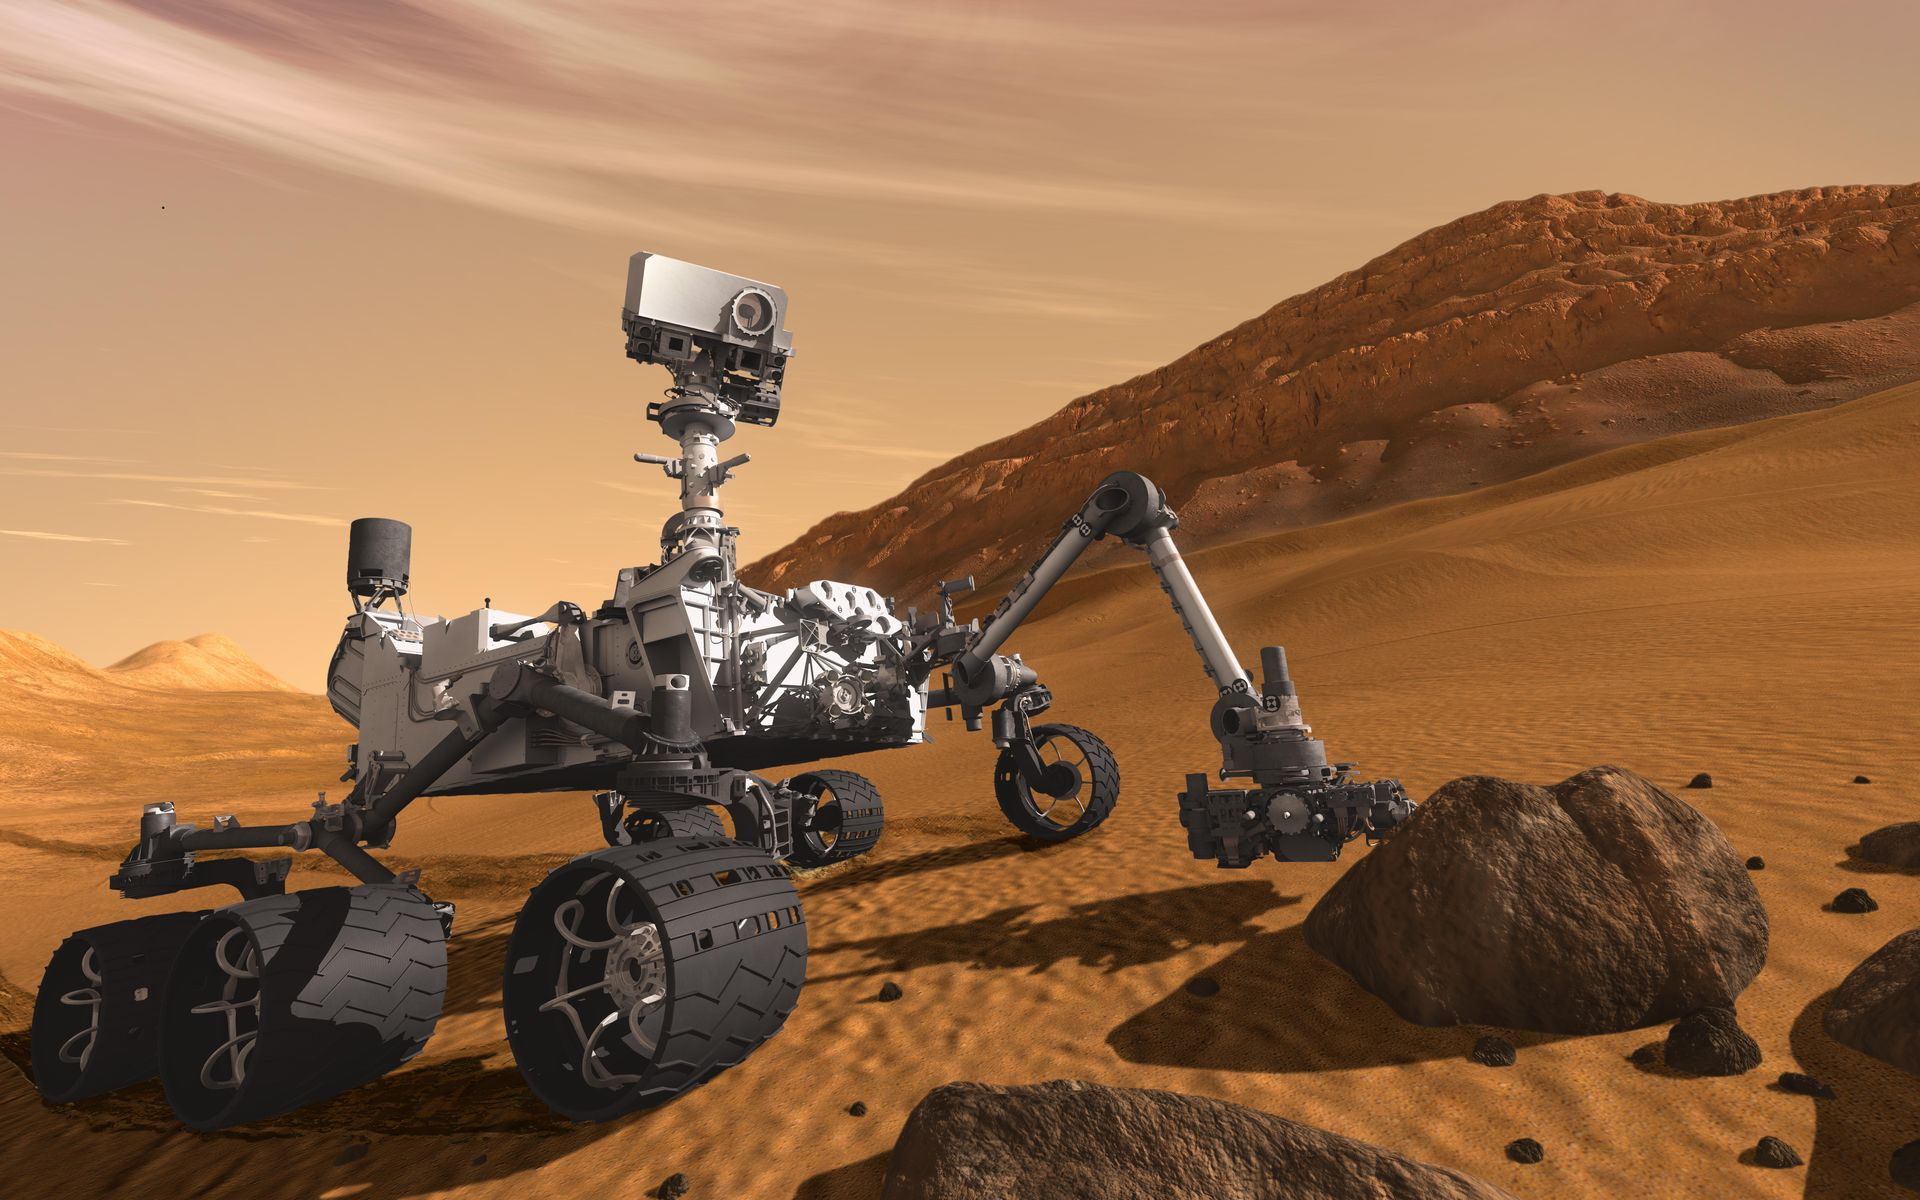 Resultado de imagen para curiosity mars